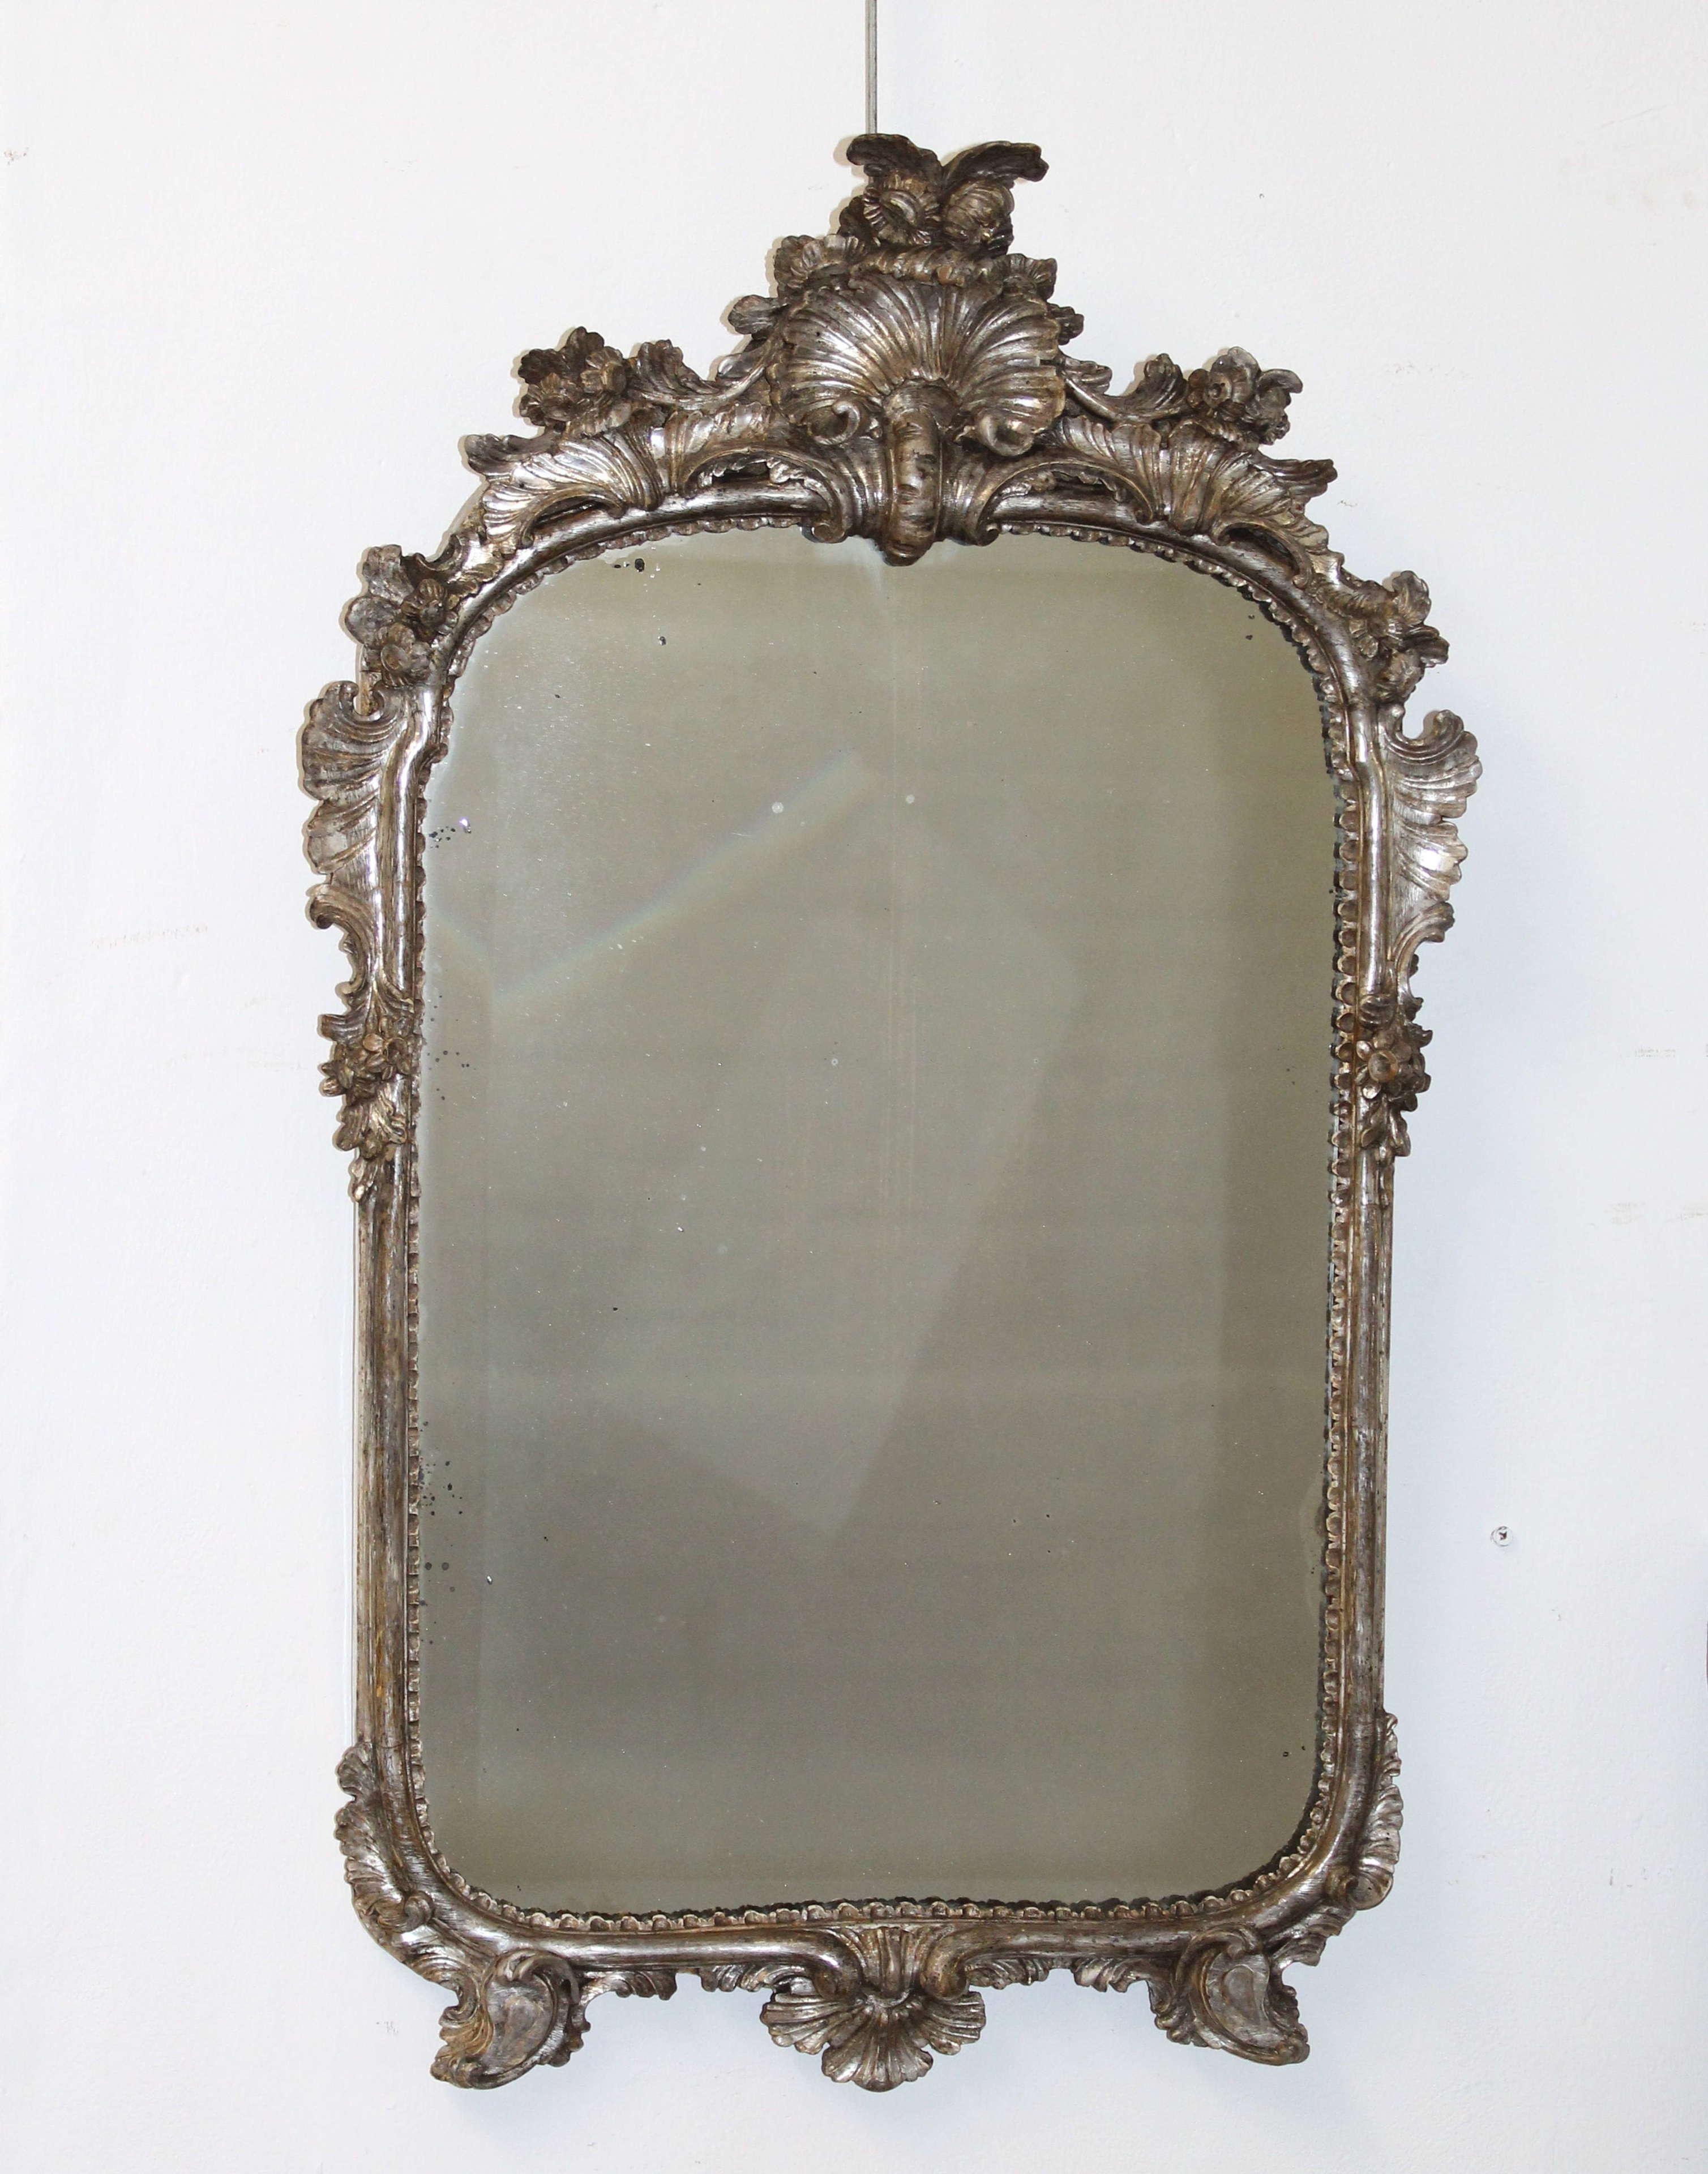 18th century silver leafed Italian mirror